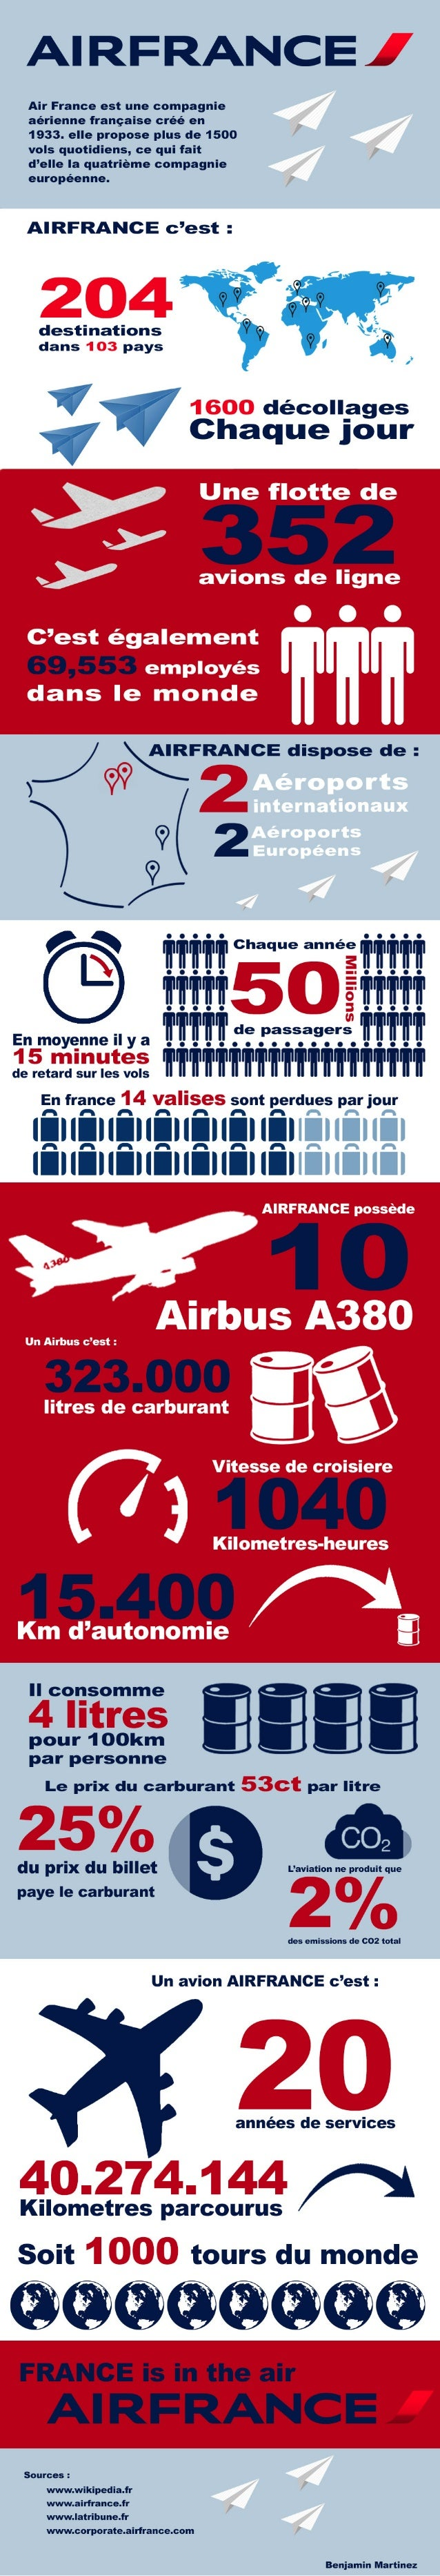 Infographie sur AIR FRANCE réalisée par Benjamin MARTINEZ- MMI - IUT de CHAMBERY